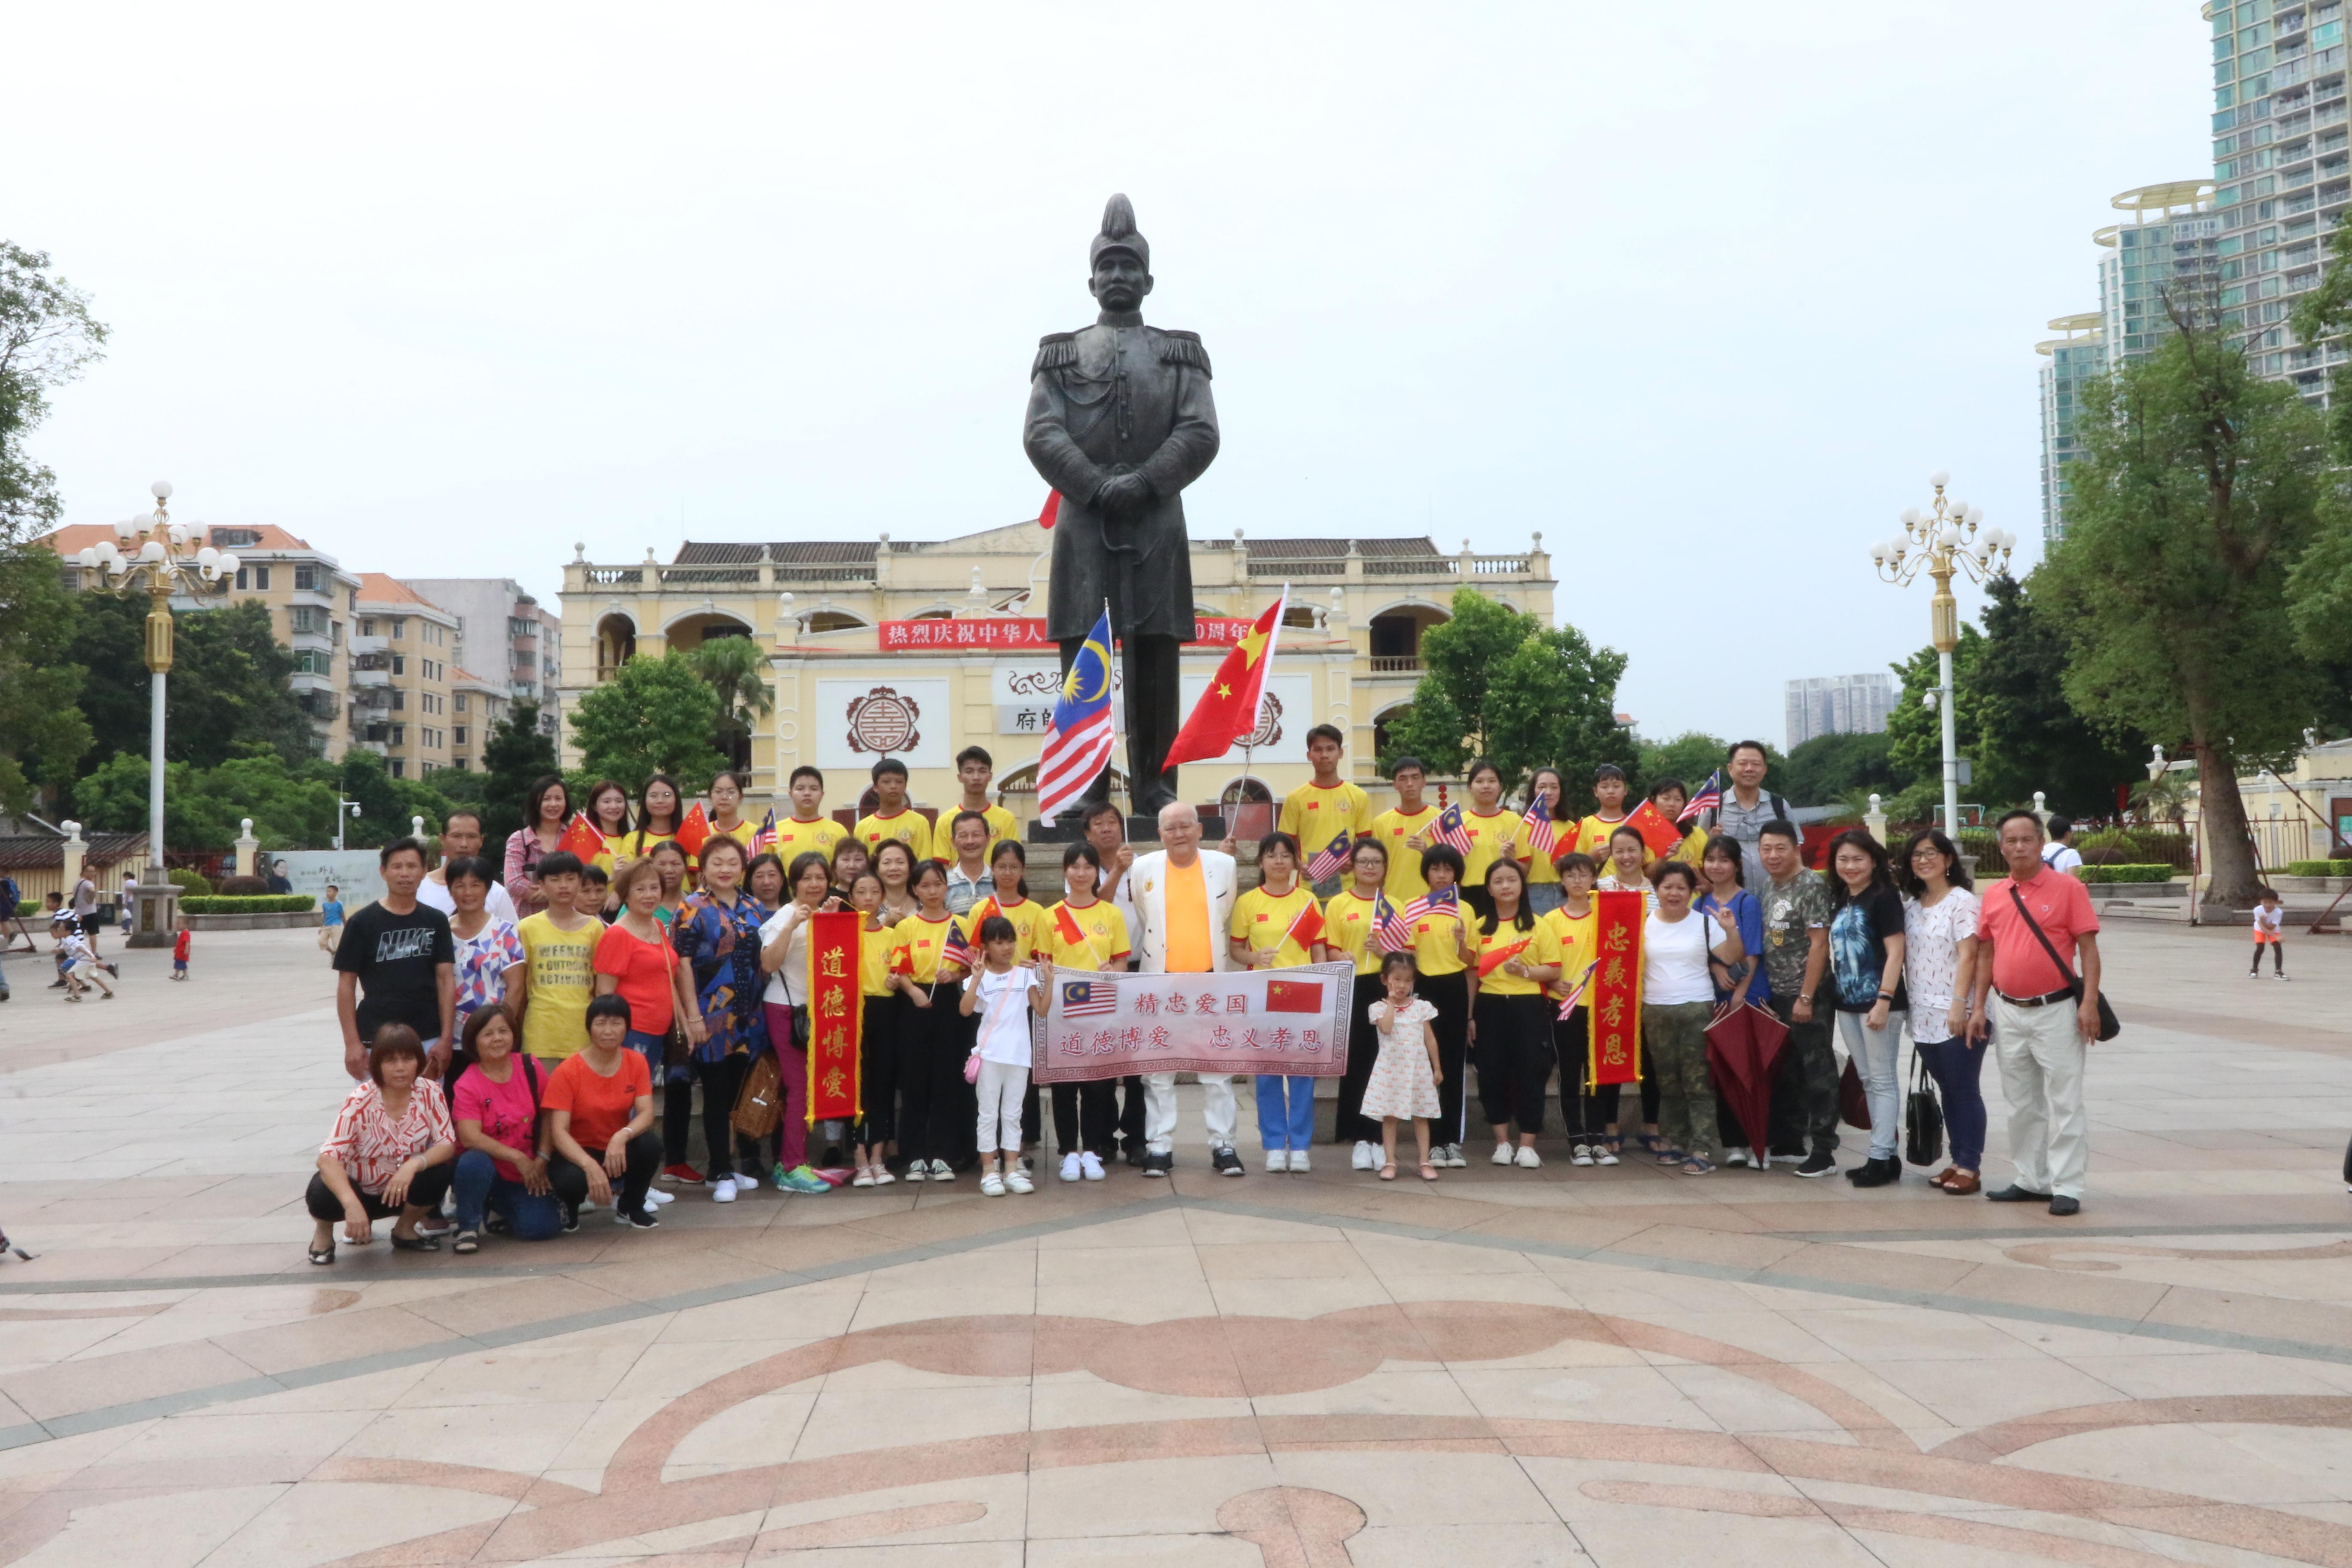 China-AD59